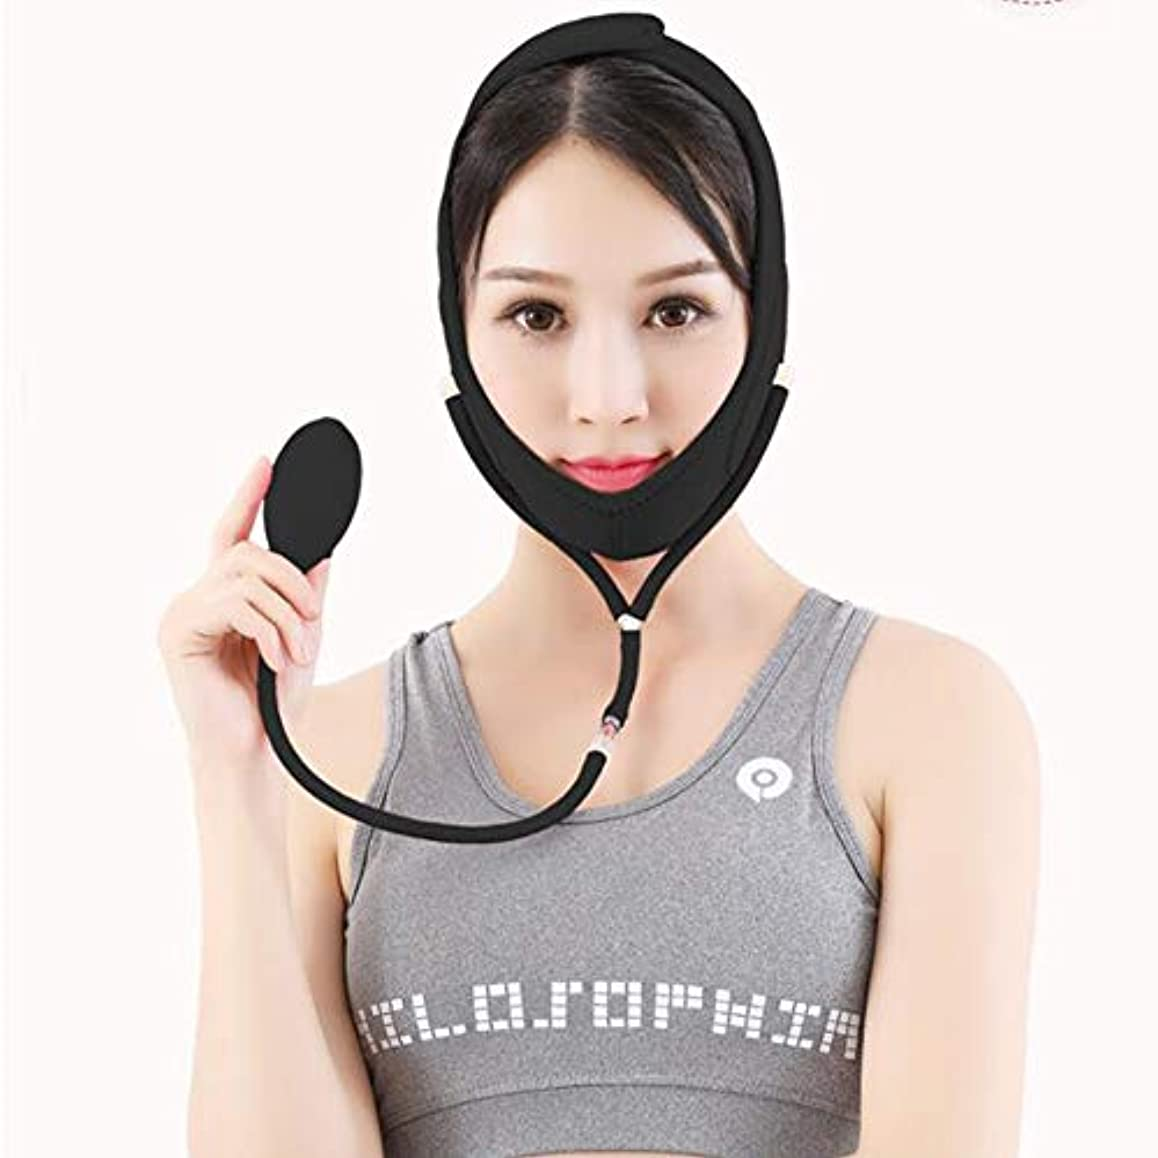 小さい高齢者確保する飛強強 フェイシャルリフティング痩身ベルトダブルエアバッグ圧力調整フェイス包帯マスク整形マスクが顔を引き締める スリムフィット美容ツール (Color : Black, Size : M)